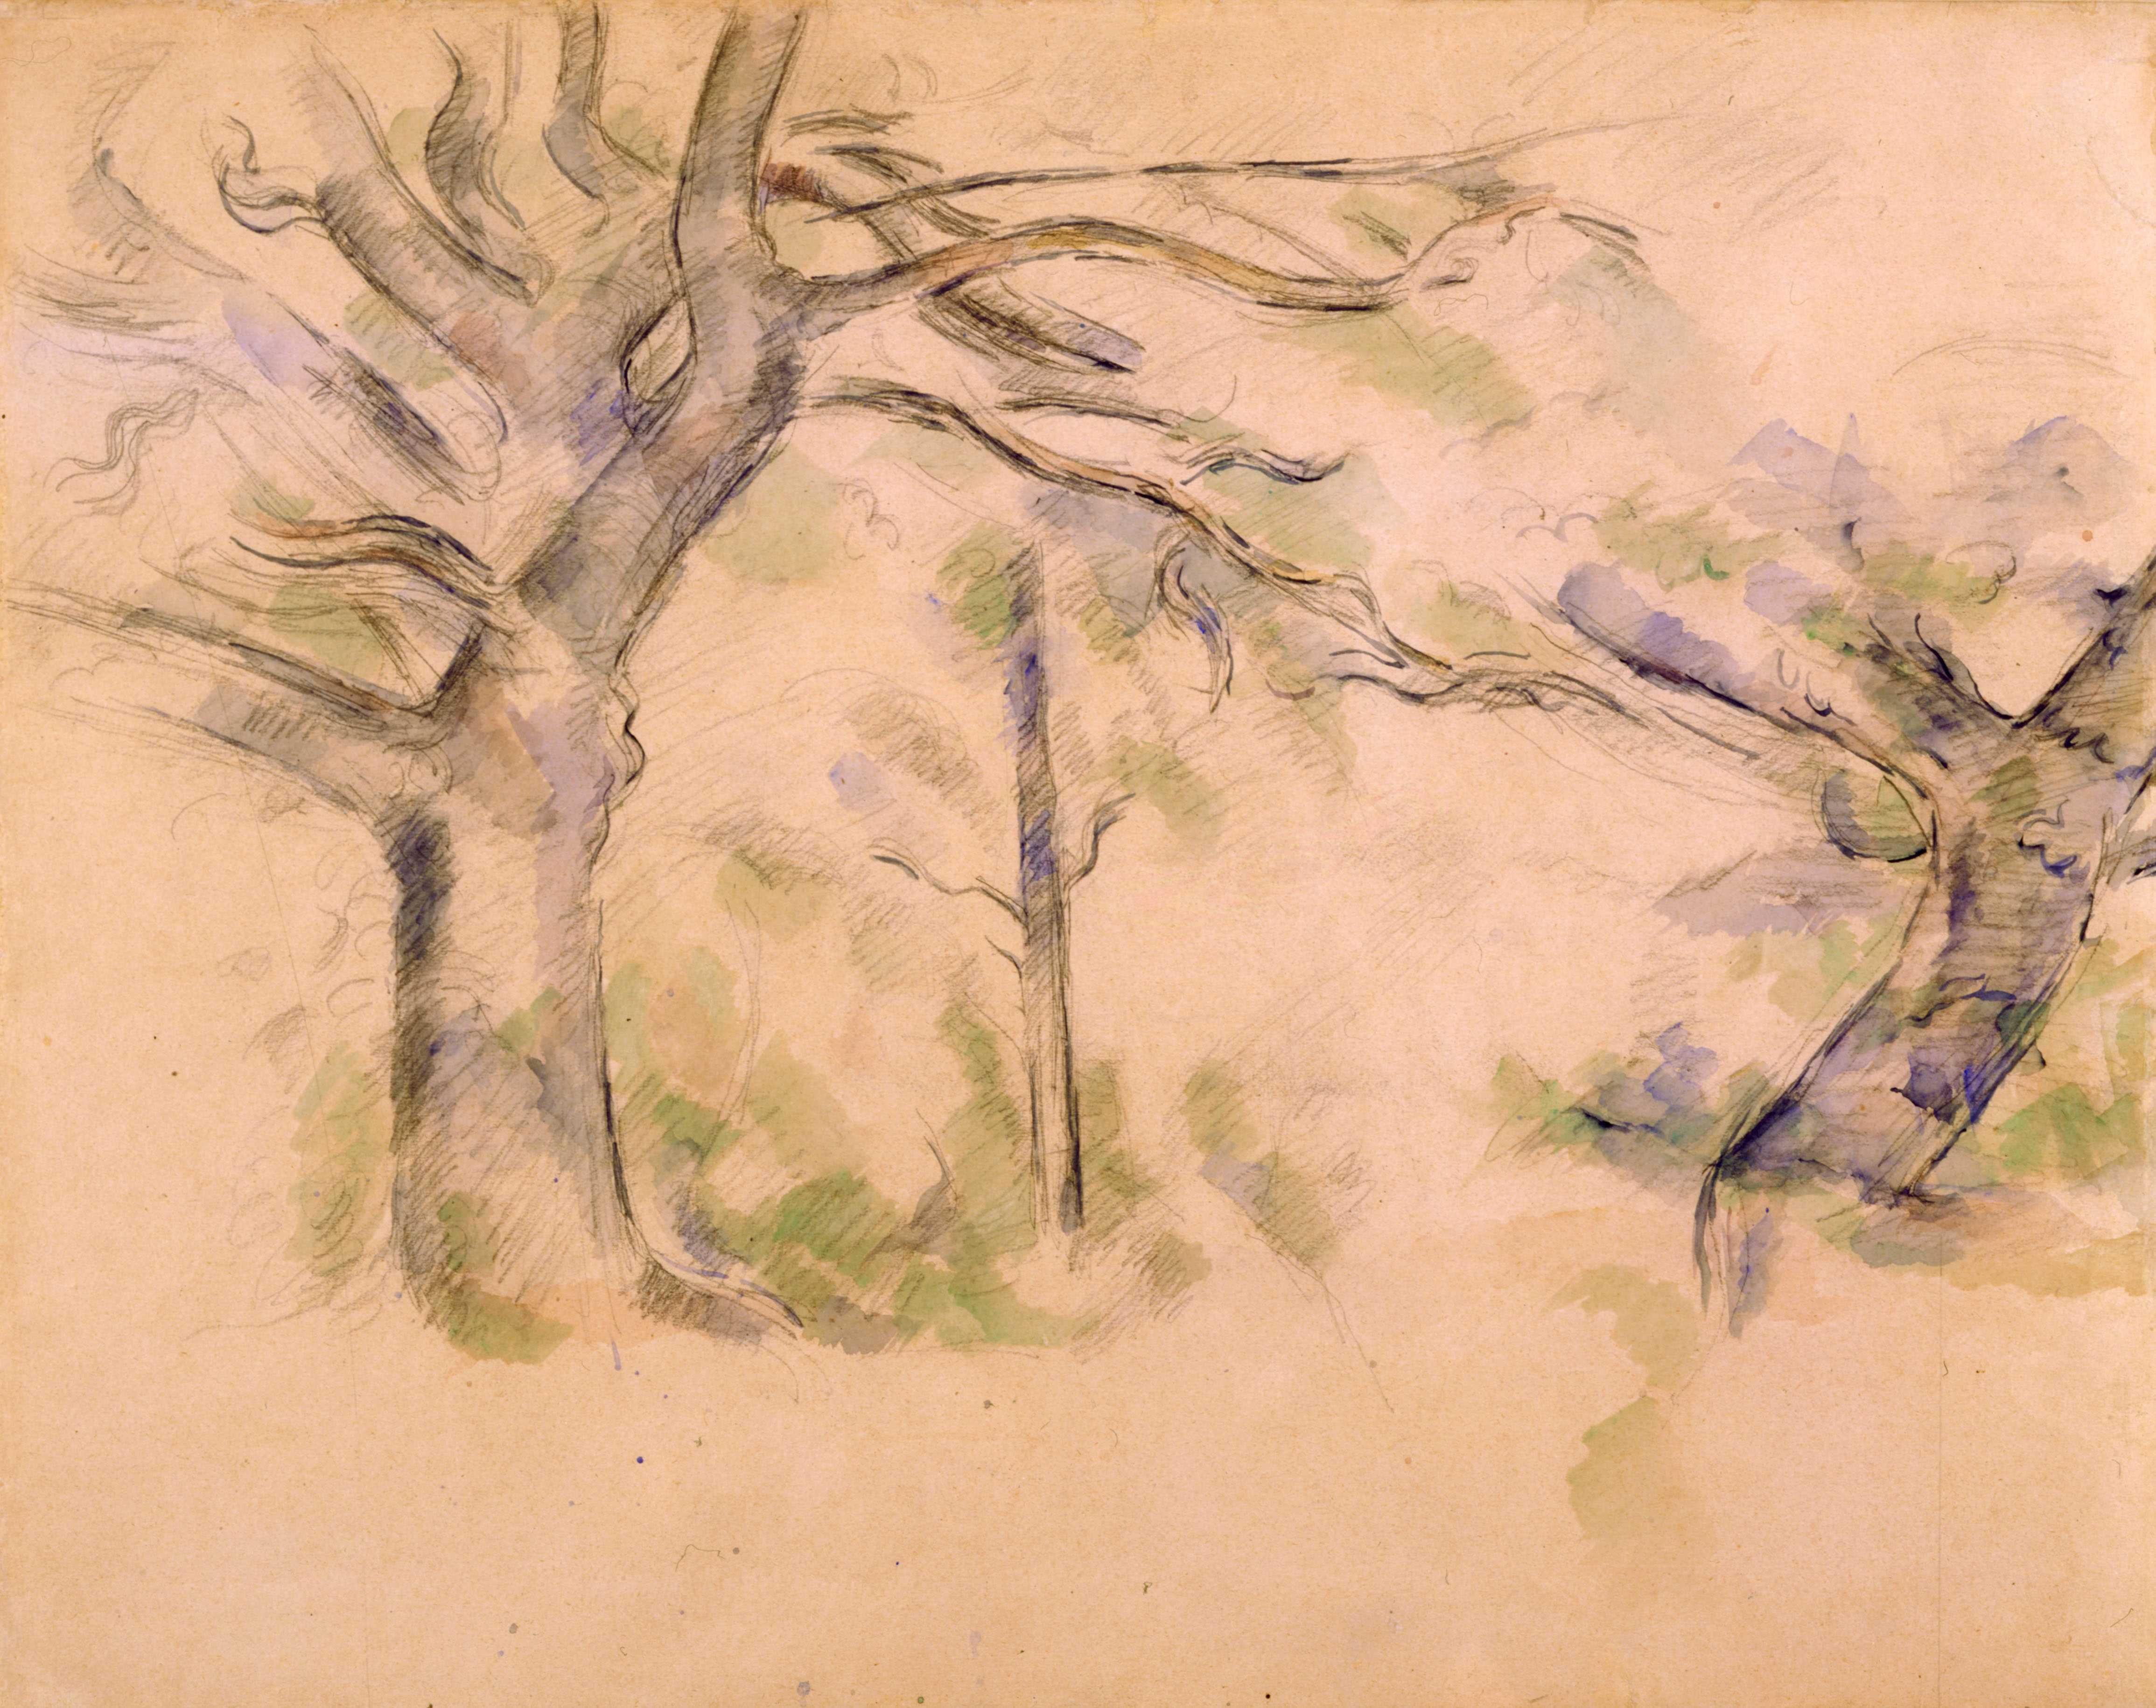 Paul Cézanne, Les grands arbres, XIXe siècle. Aquarelle, graphite, 47 x 58 cm, Collection Prat.